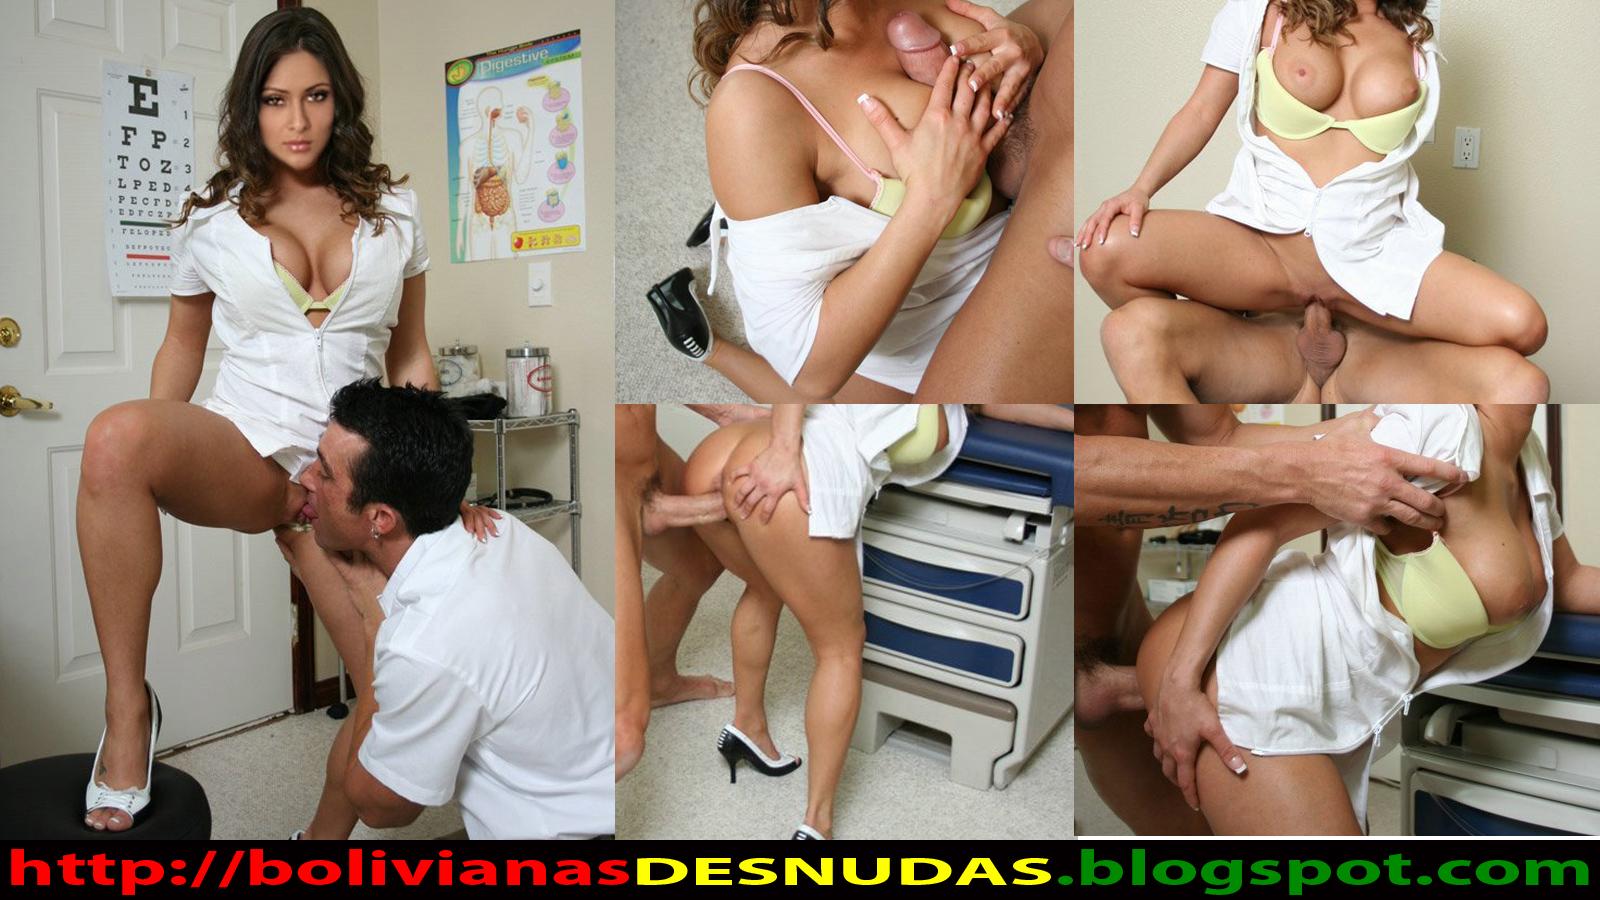 Via Bolivianasdesnudas Blogspot